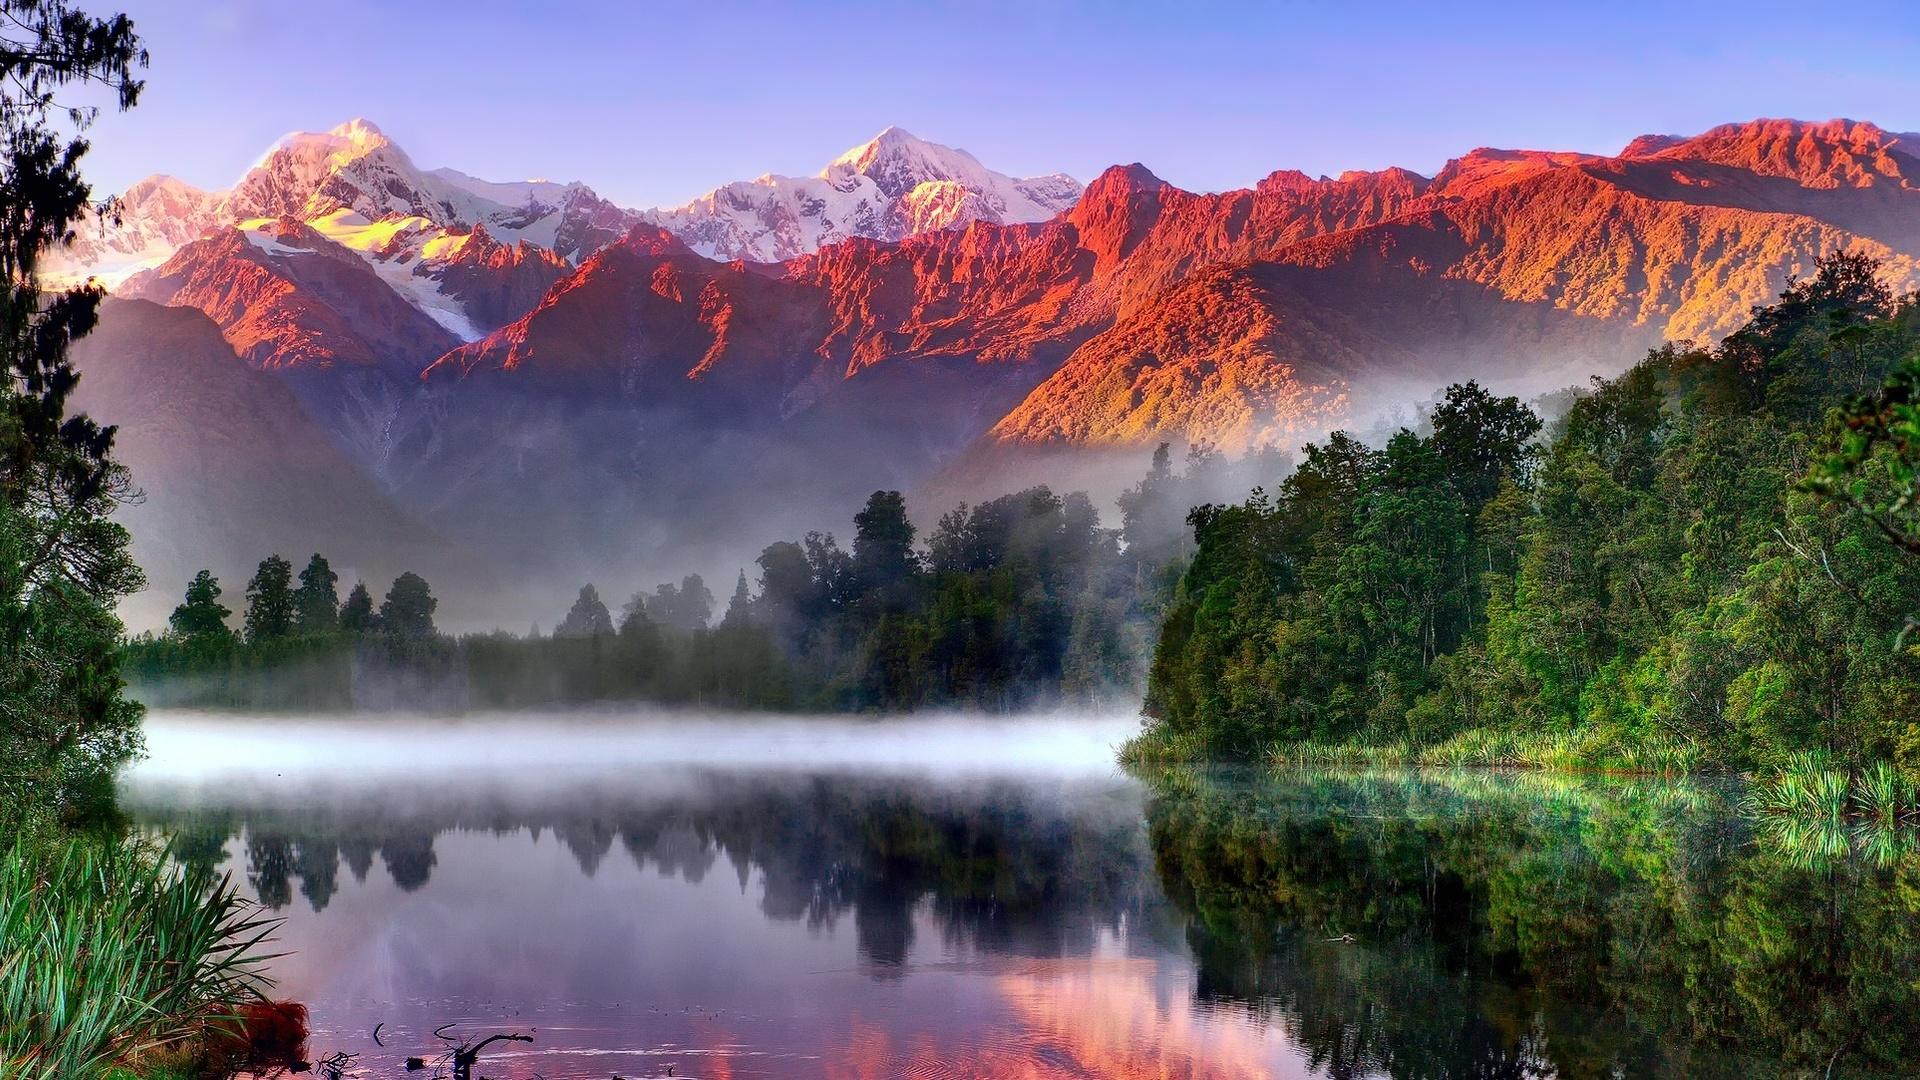 где минске картинки красота этого мира болотах растет очень